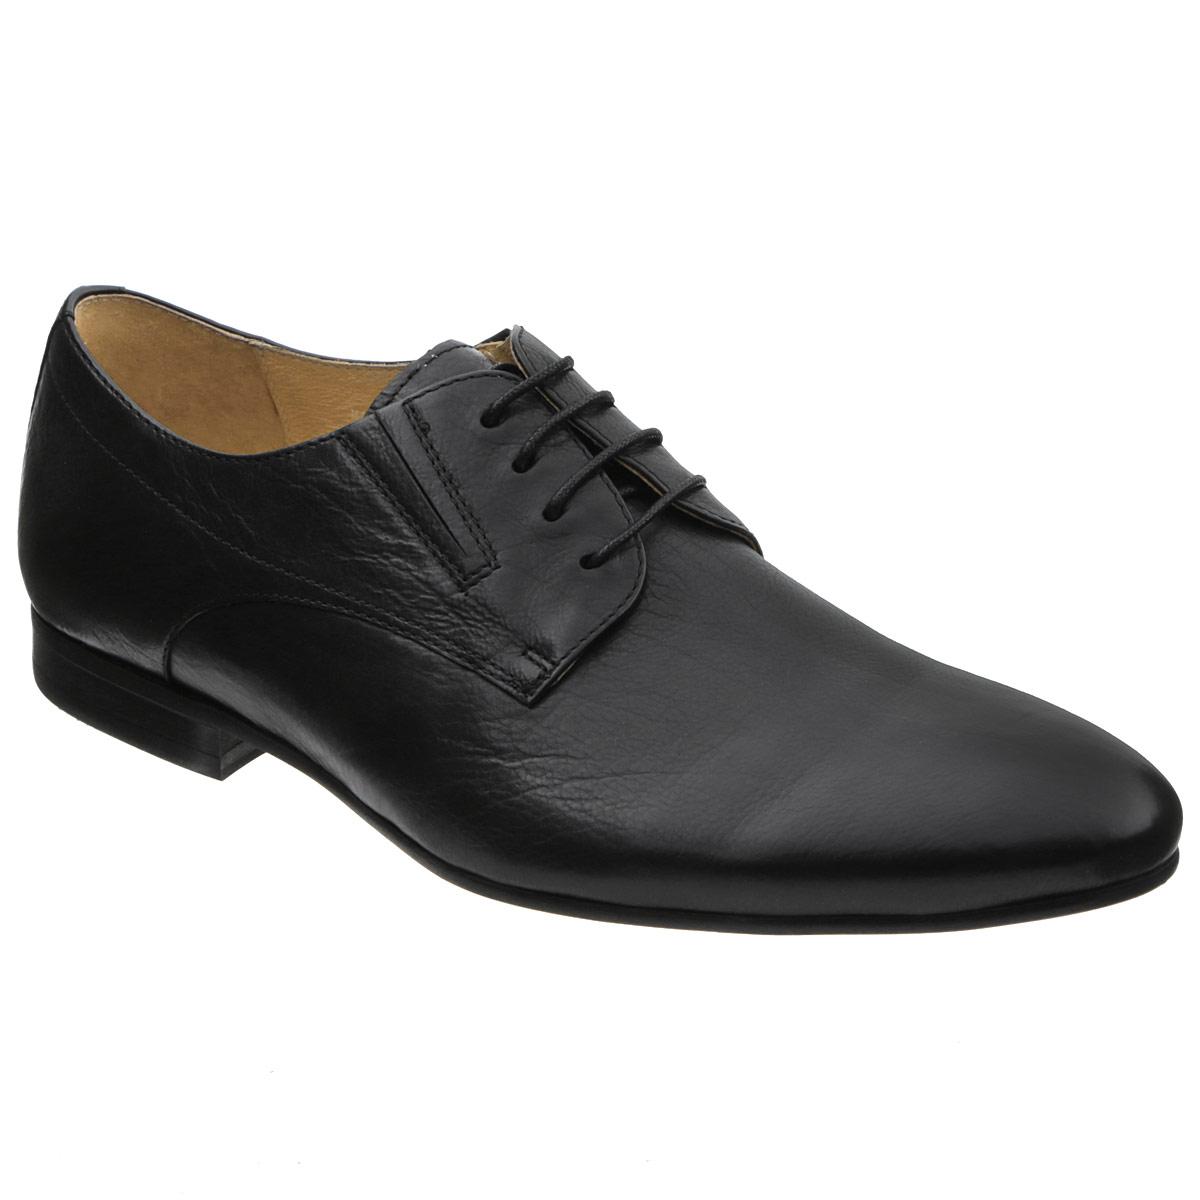 Туфли мужские. M17995M17995Изысканные туфли Vitacci - незаменимая вещь в гардеробе каждого мужчины. Модель выполнена из натуральной высококачественной кожи и декорирована задним наружным ремнем. Шнуровка надежно закрепит модель на ноге. Резинки, расположенные на подъеме, гарантируют оптимальную посадку модели на ноге. Стелька из натуральной кожи комфортна при движении. Умеренной высоты каблук и подошва с рифлением обеспечивают отличное сцепление с поверхностью. Элегантные туфли станут прекрасным завершением вашего модного образа.